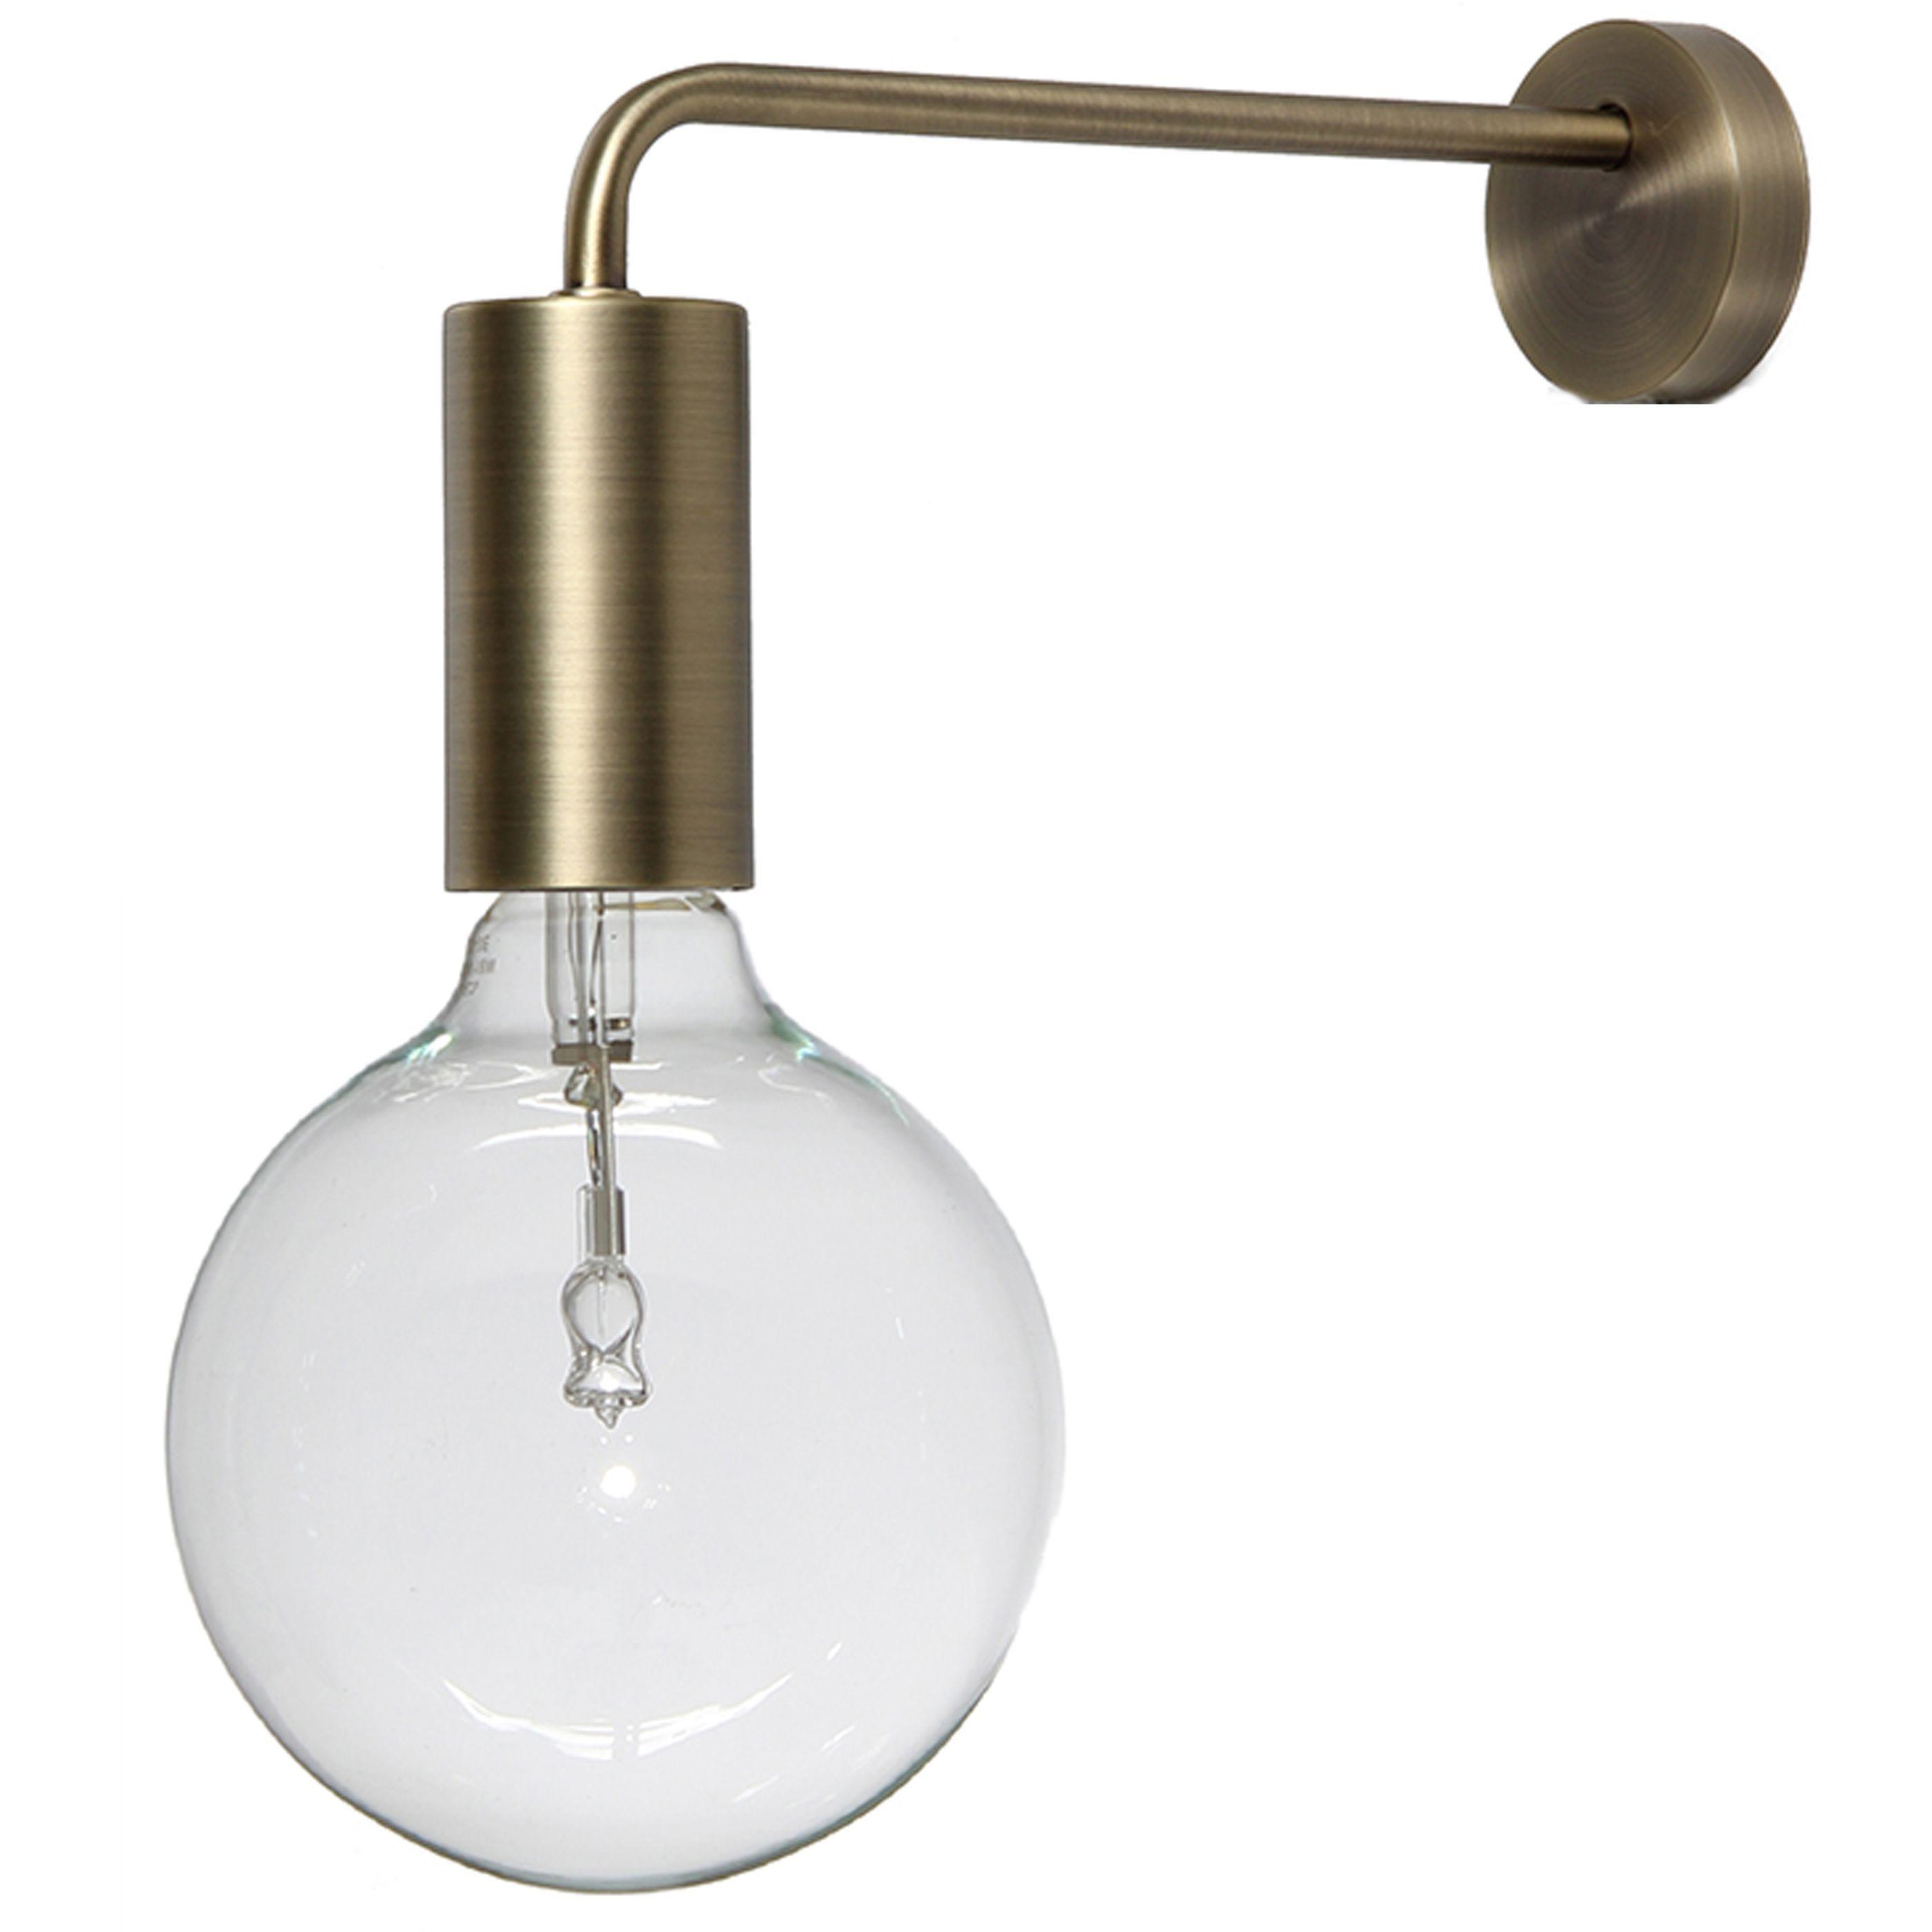 Cool Wandlamp Frandsen Lampen Bad Spiegel Gaste Wc Und Wandleuchte